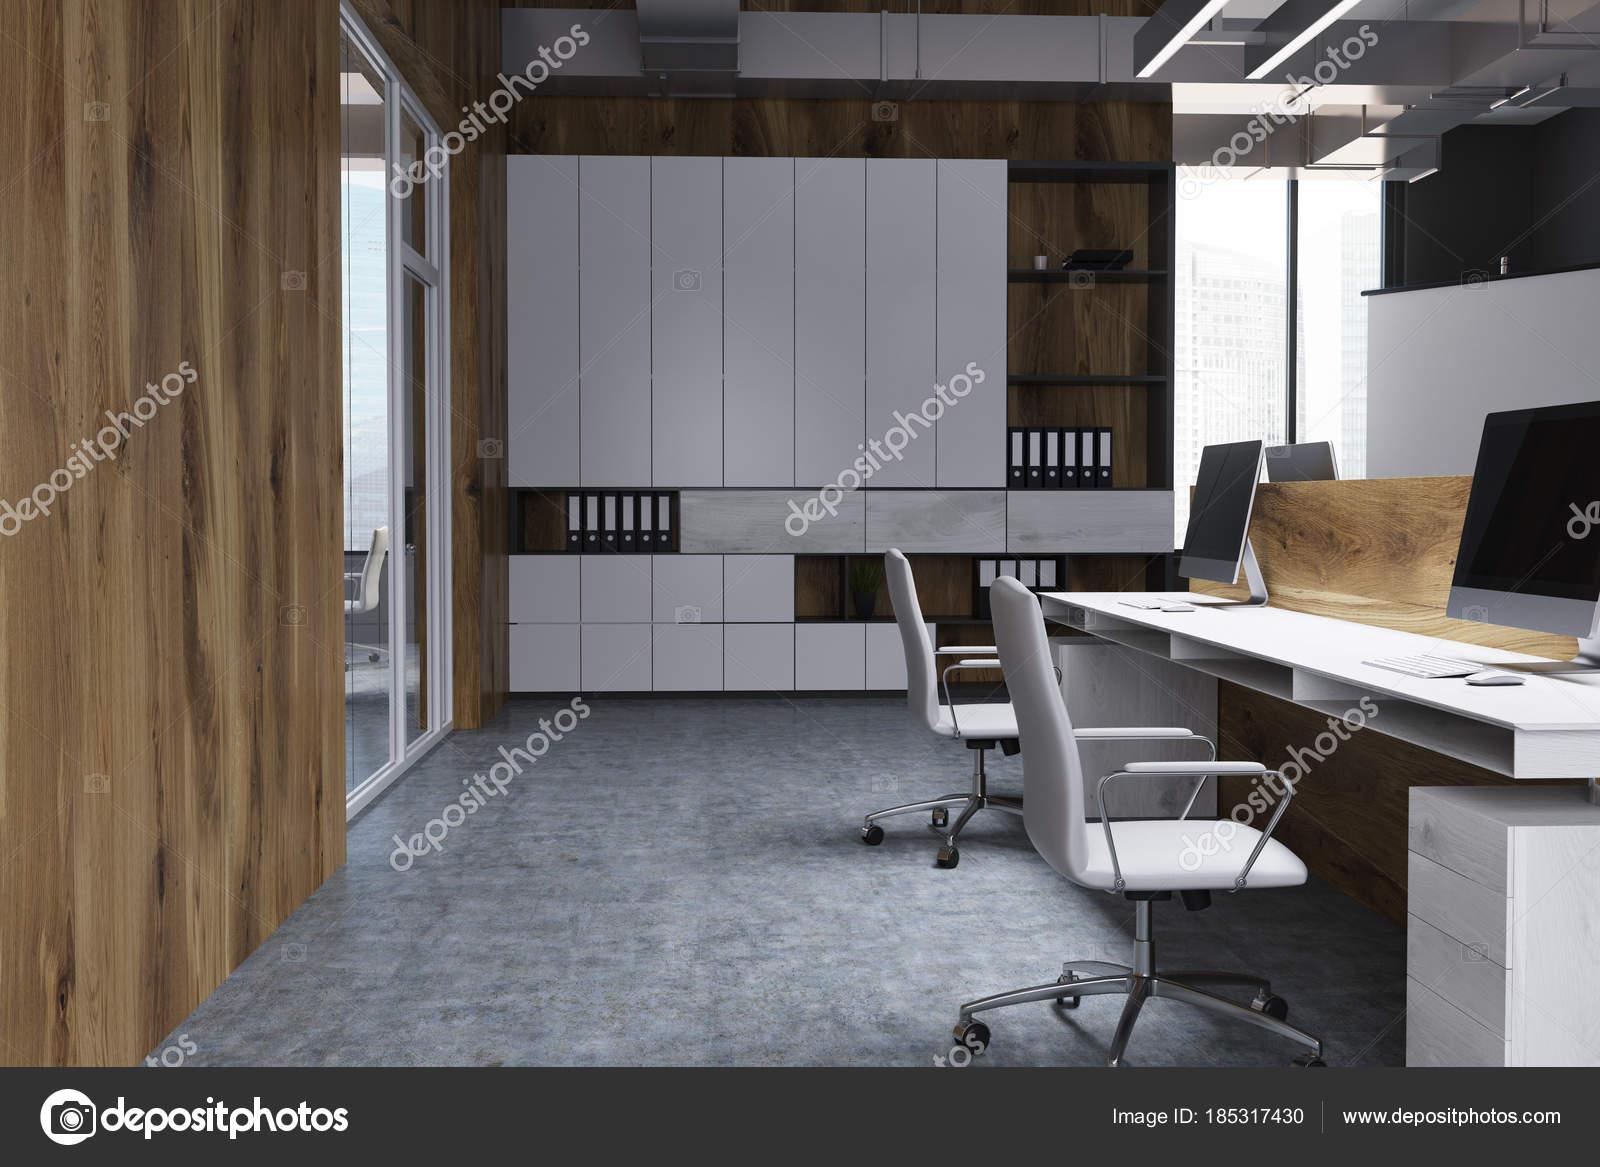 Bureaux Bois Grenier : Bureau de mur en bois avec une bibliothèque u photographie